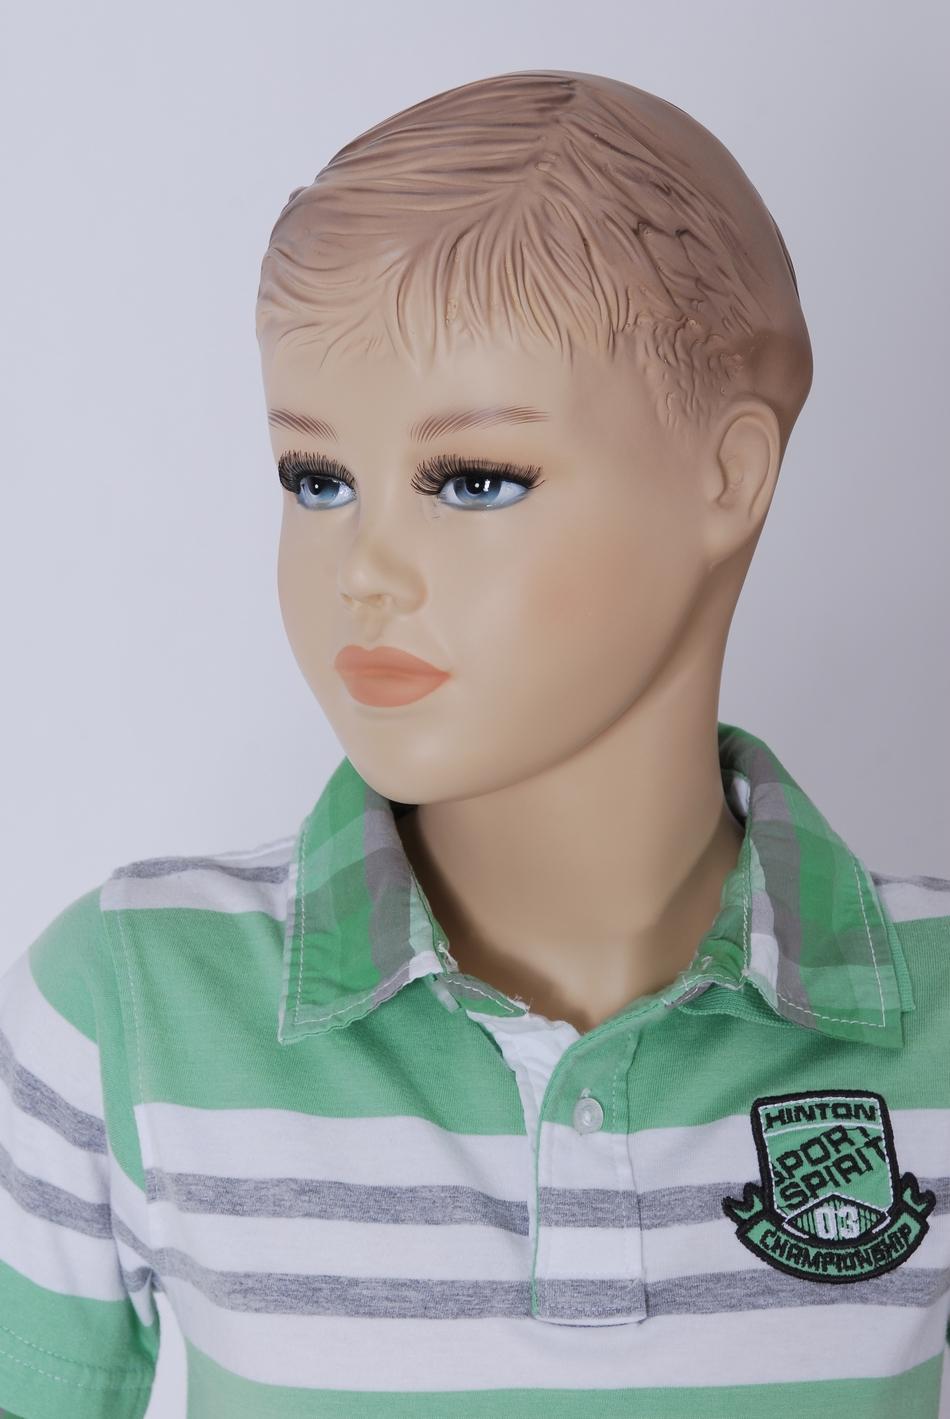 Boy-12 Mannequin Kids Doll Boy Child Kindlich Small New Nett Jung